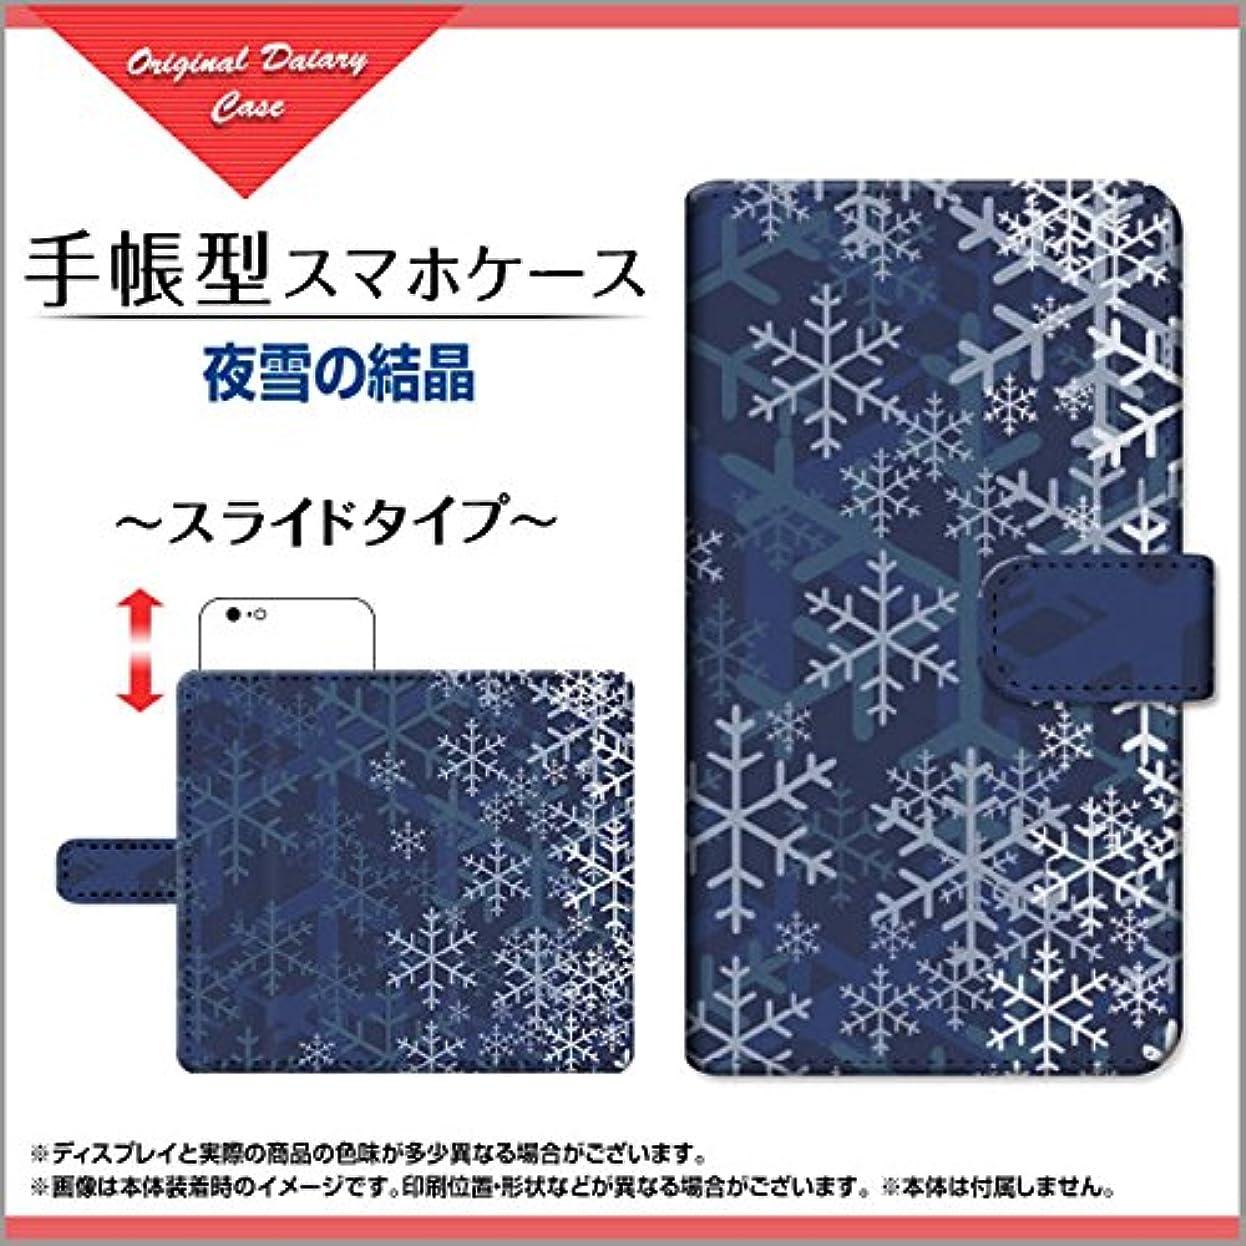 泳ぐ炎上第四iPod touch 第6世代 Apple アイポッド タッチ 手帳型 スライドタイプ 内側ブラウン 手帳タイプ ケース ブック型 ブックタイプ カバー スライド式 夜雪の結晶